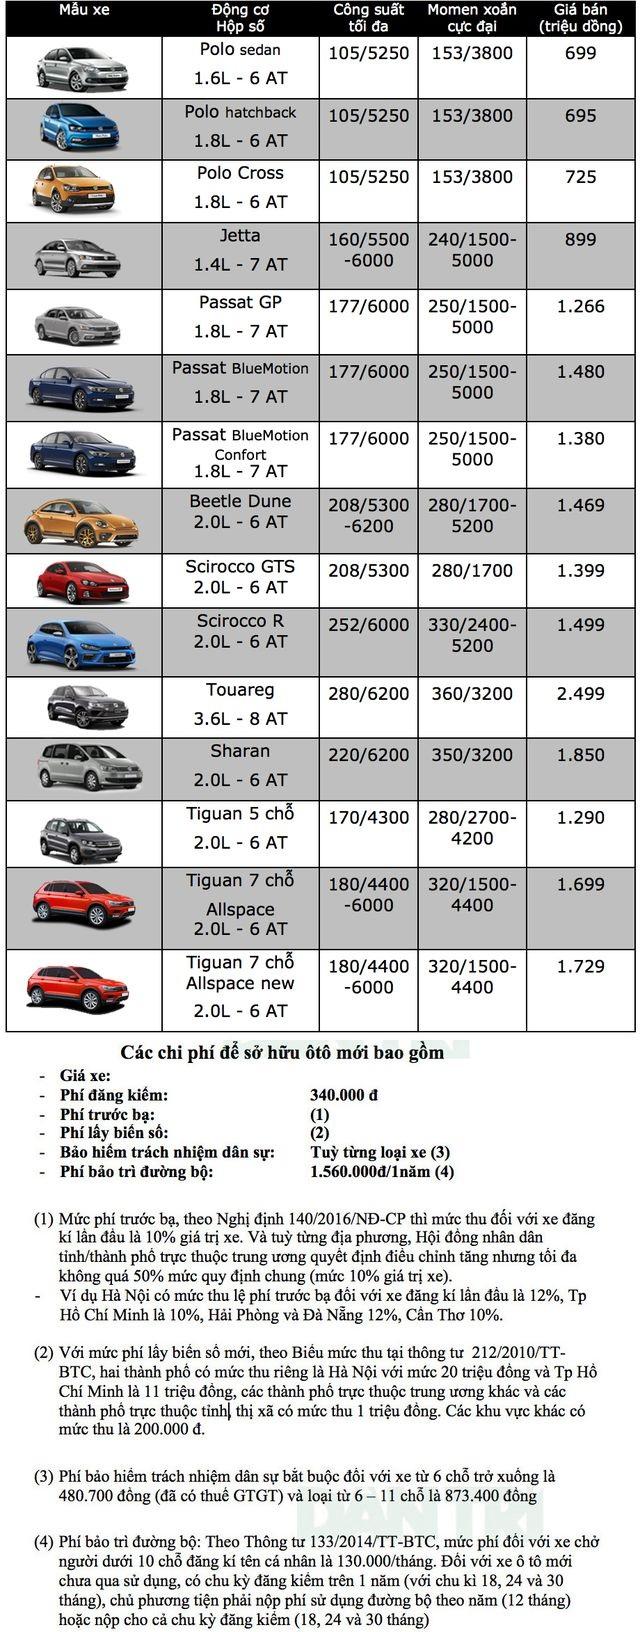 Bảng giá Volkswagen tại Việt Nam cập nhật tháng 3/2019 - 1